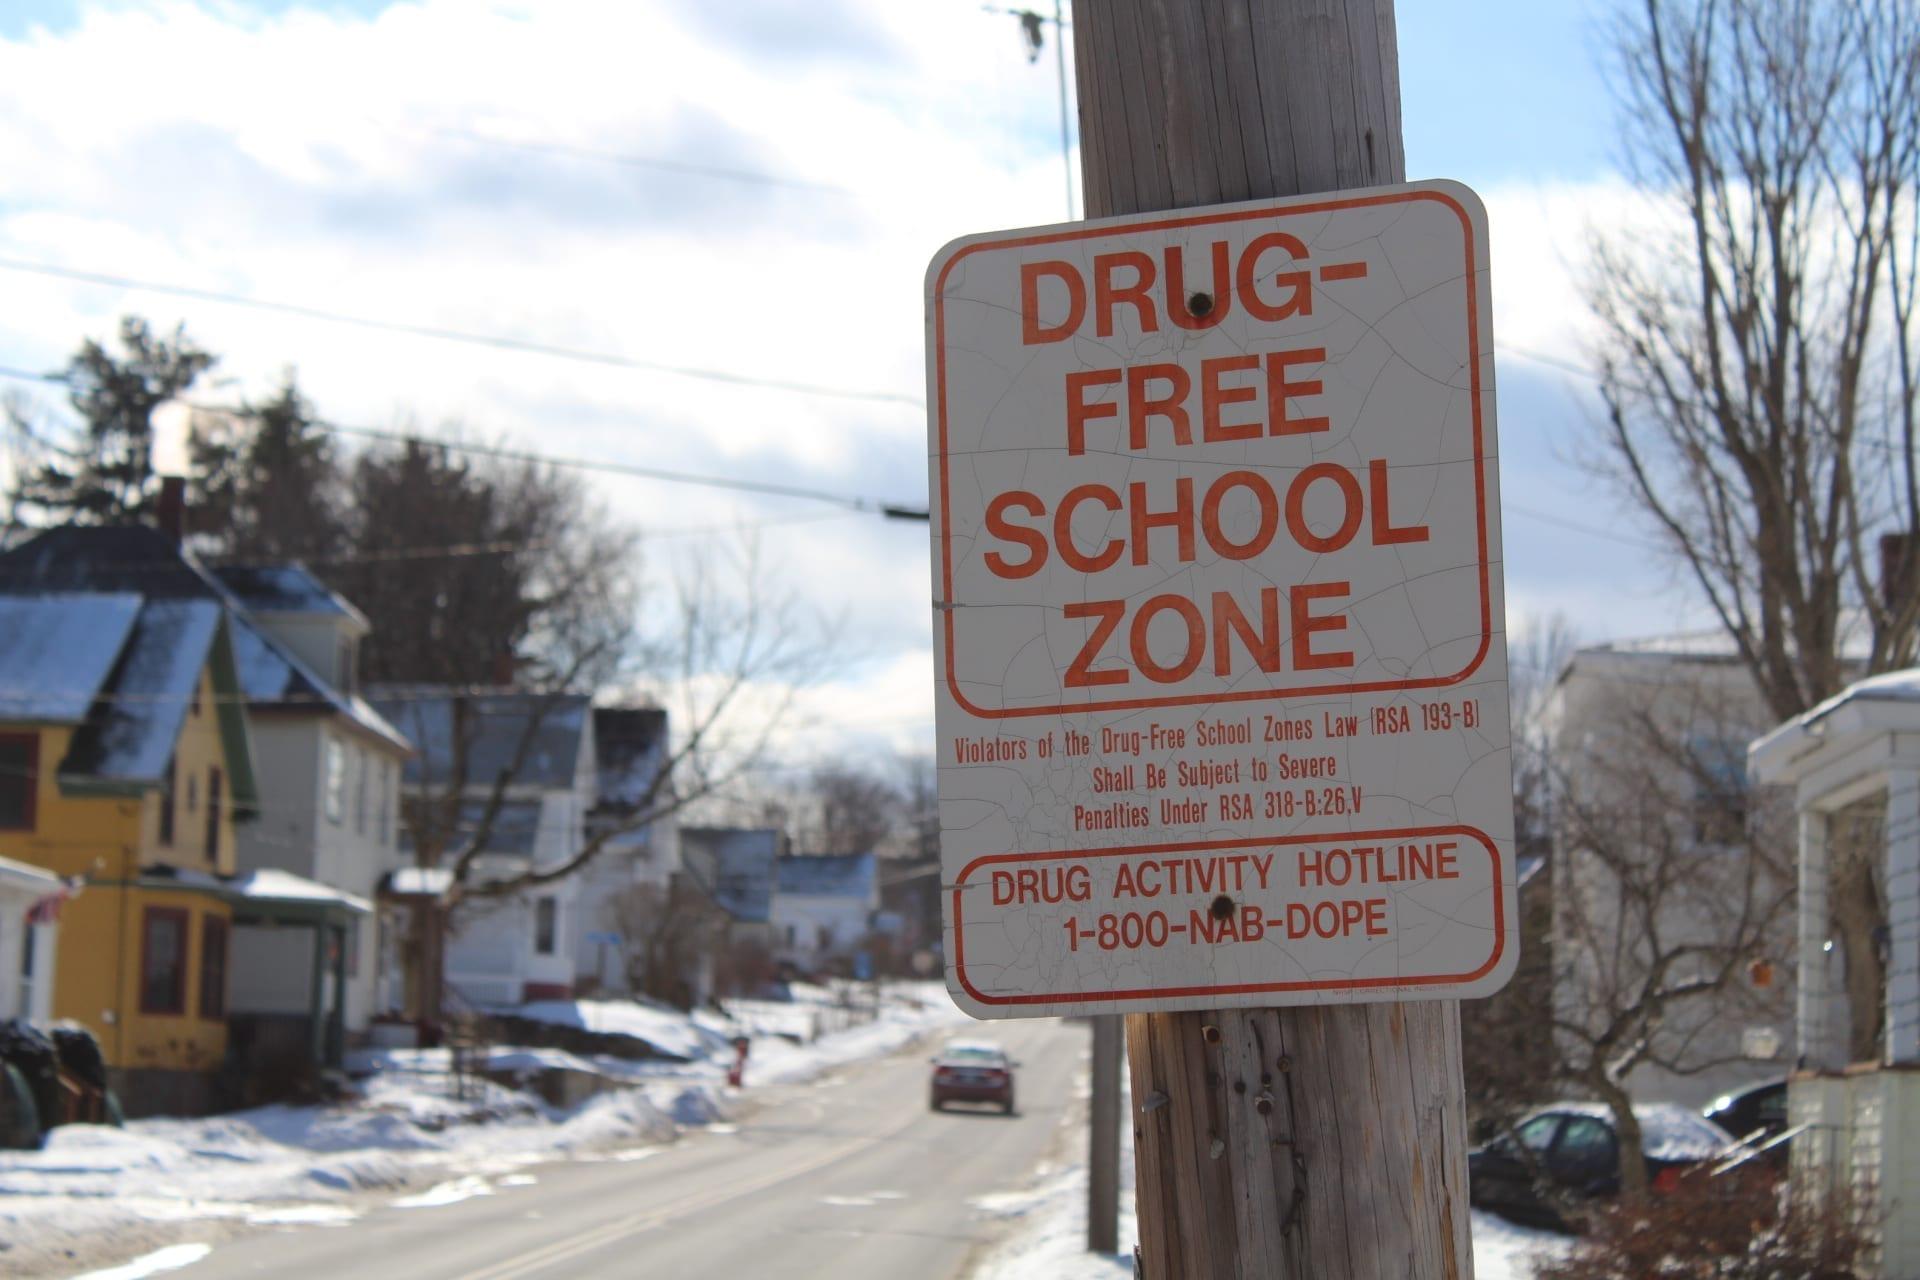 Drug-free school zone sign; image by MarkBuckawicki, CC0, from Wikimedia Commons.